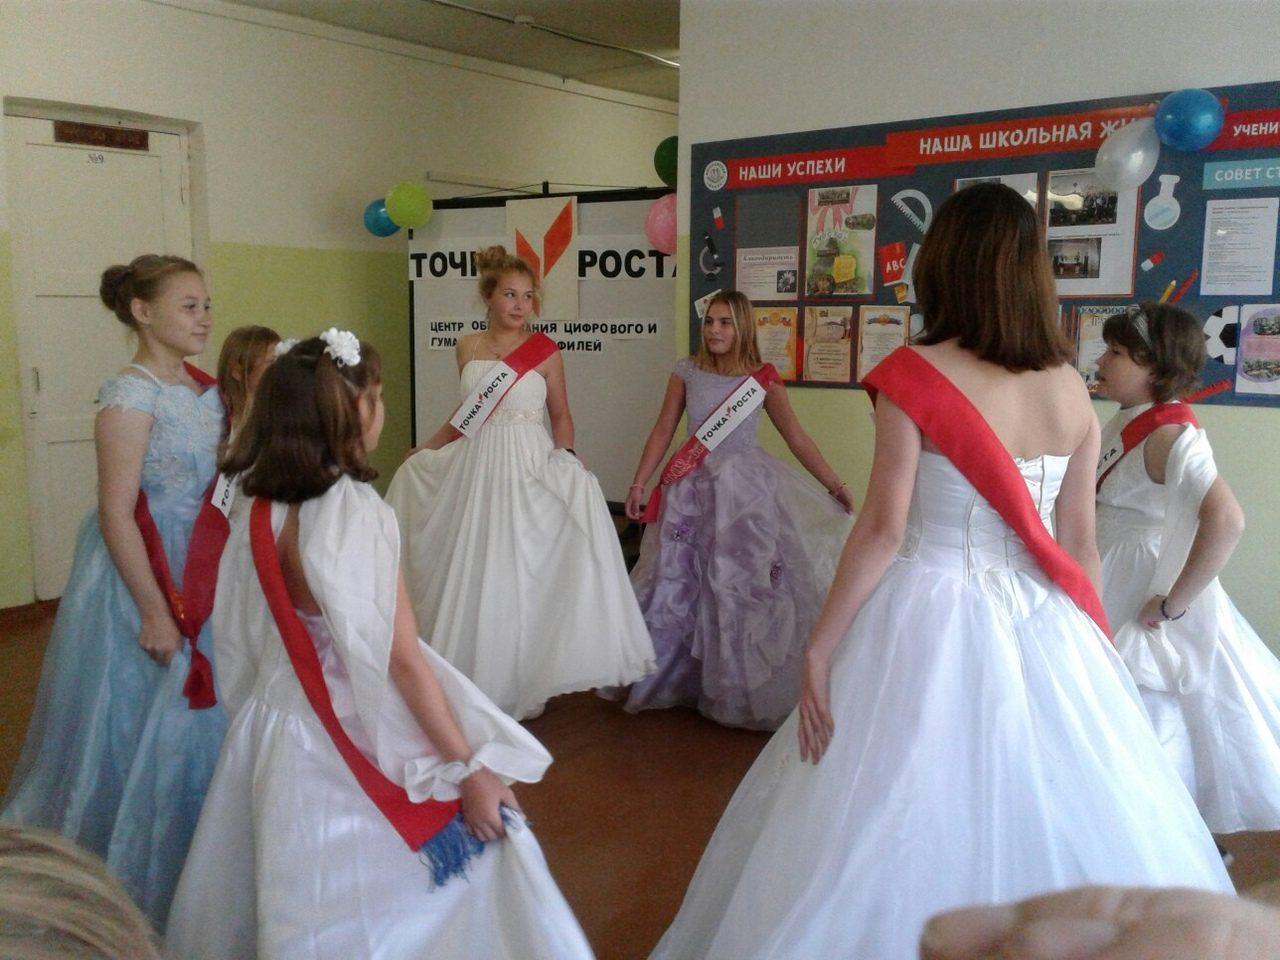 23 сентября в день открытия центра у нас в школе были гости, состоялся концерт.